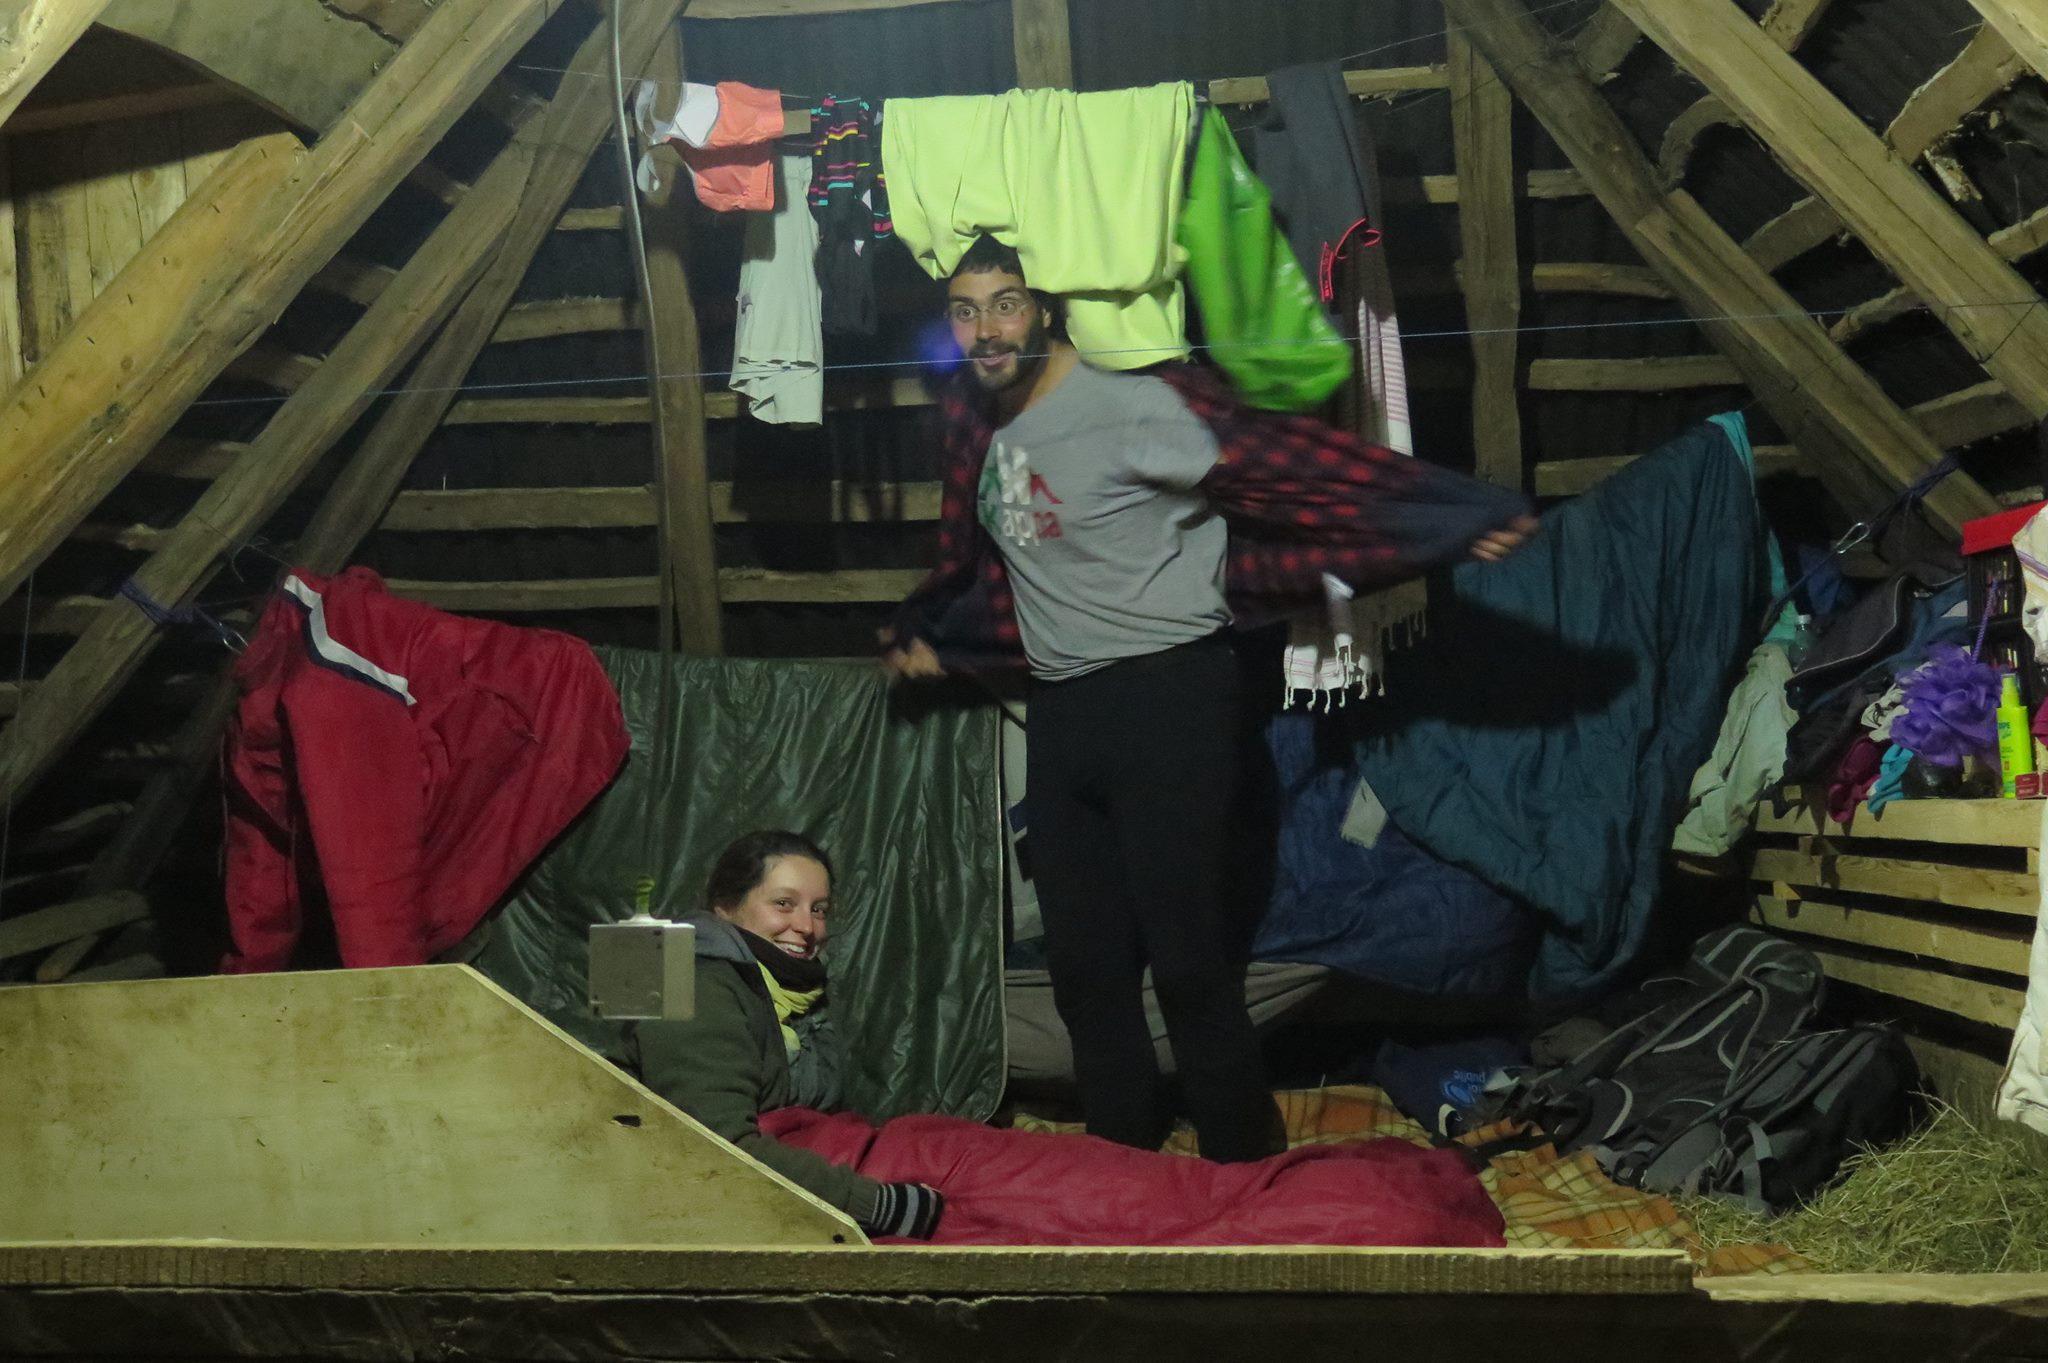 Certains dorment dans la grange sur du bon foin